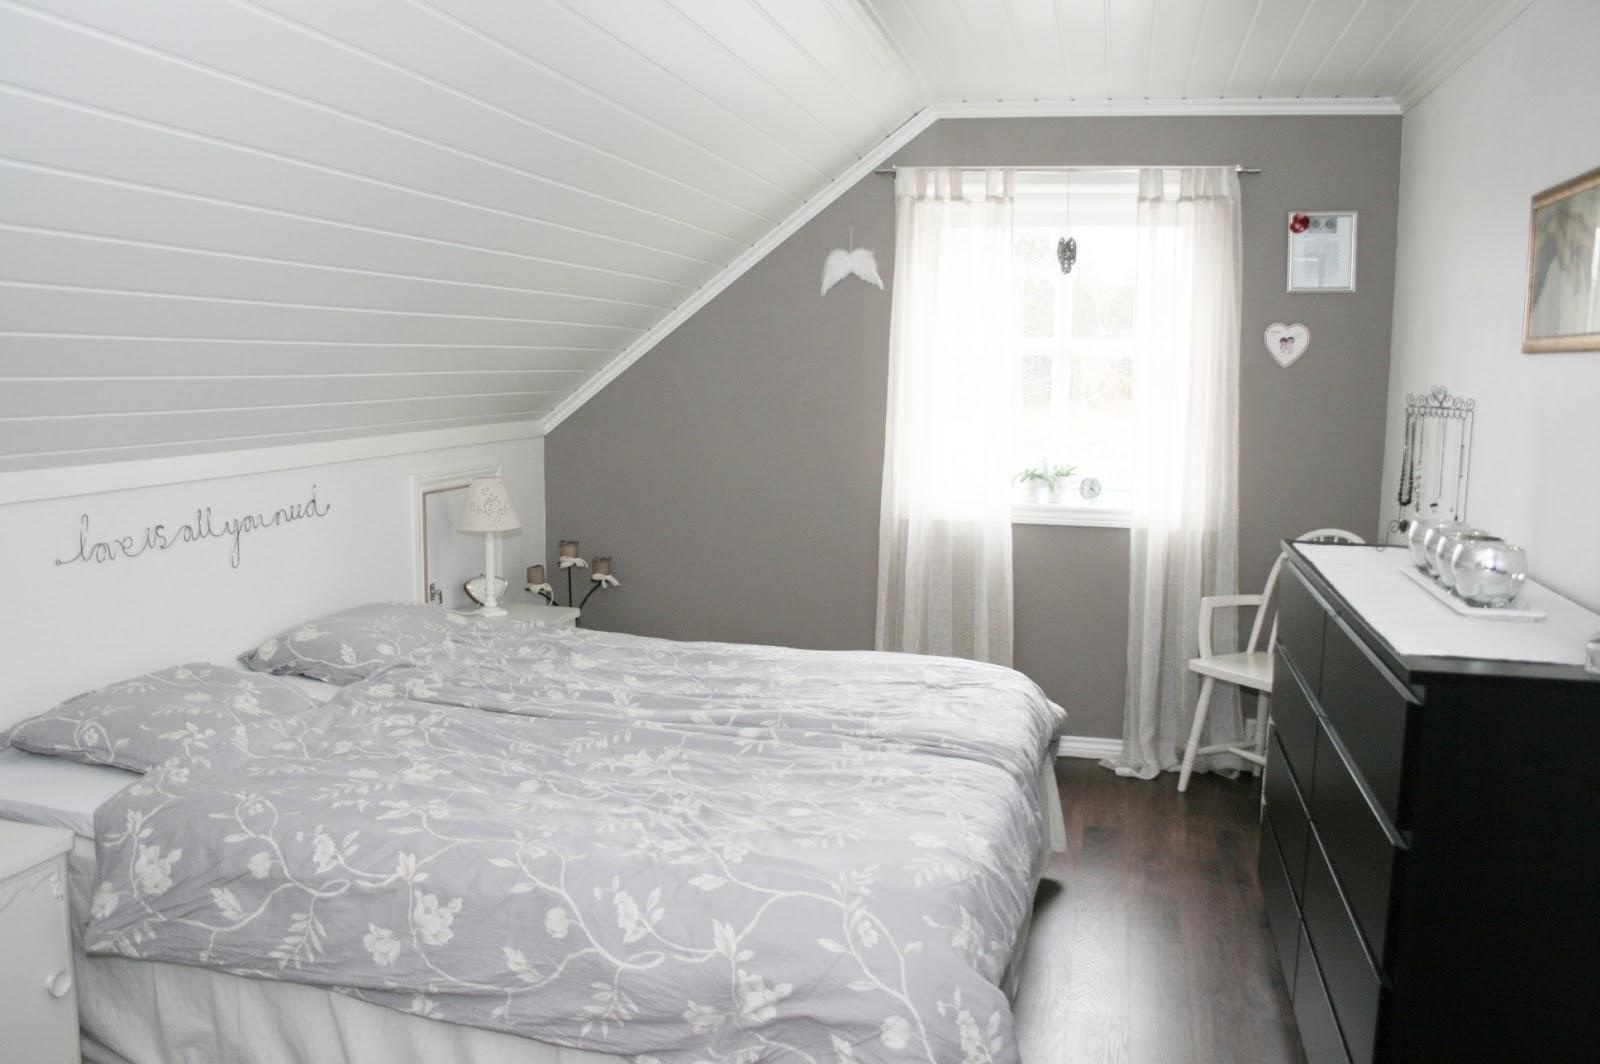 bilder på veggen til soverom